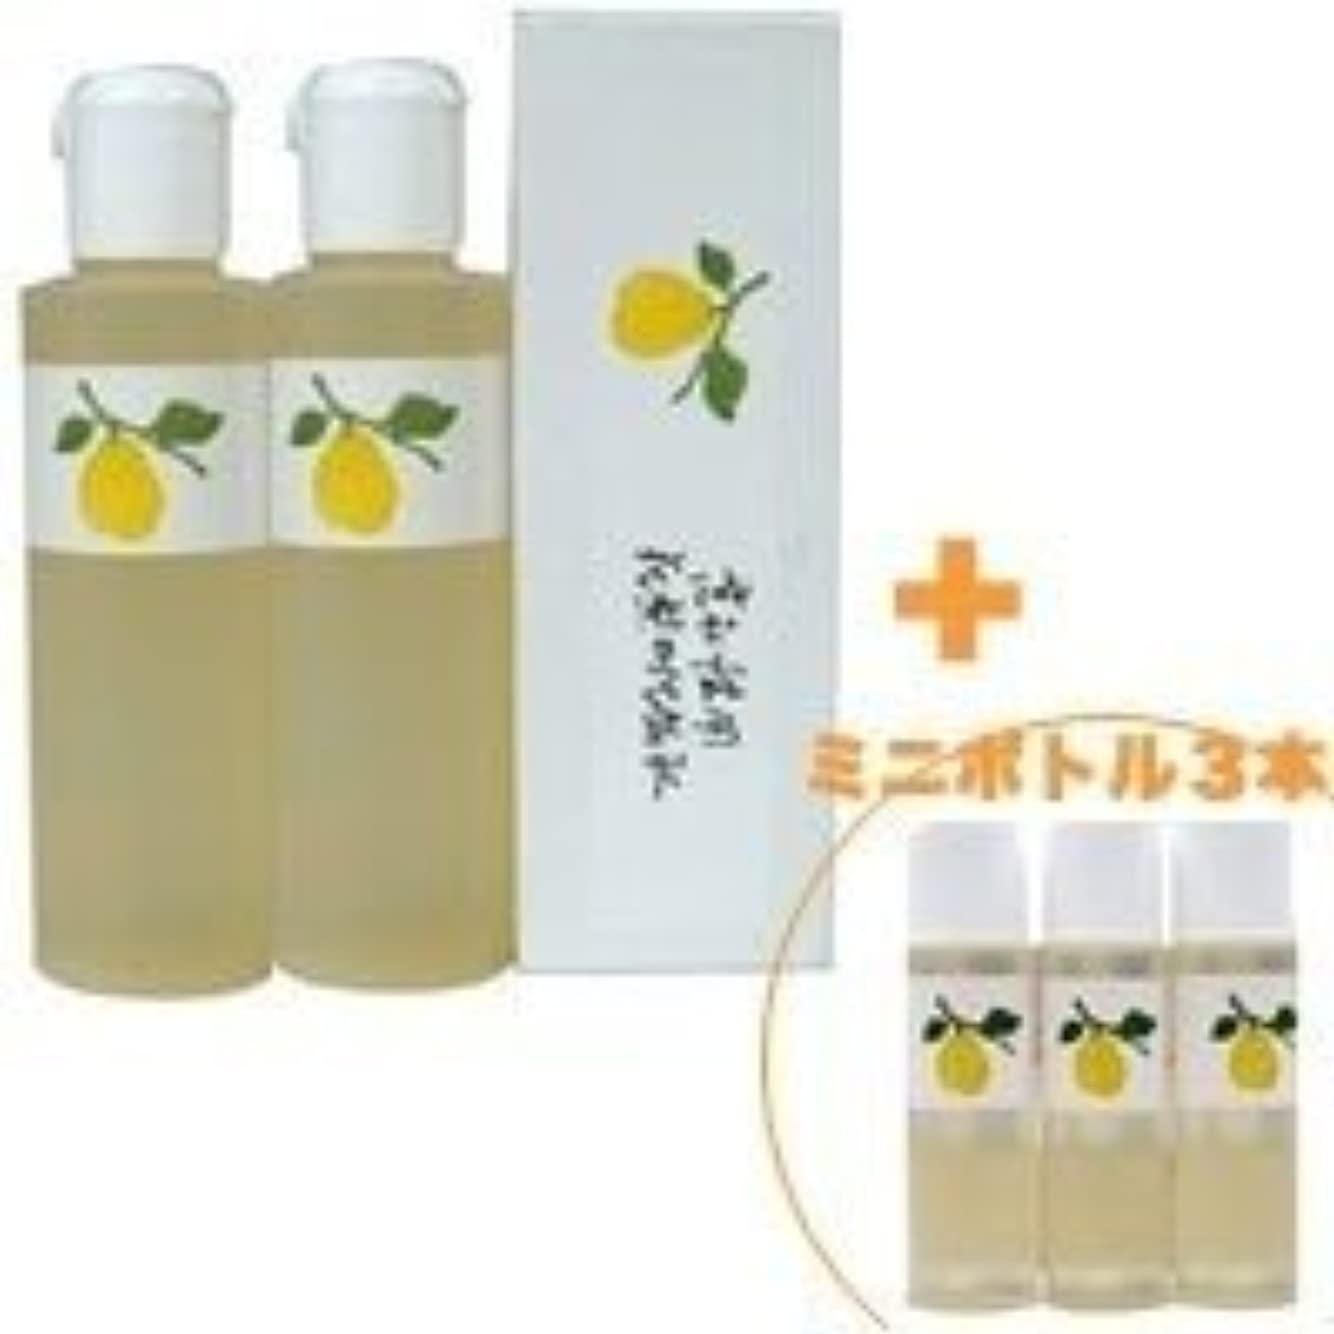 生活前任者北米花梨の化粧水 200ml 2本&ミニボトル 3本 美容液 栄養クリームのいらないお肌へ 保湿と乾燥対策に